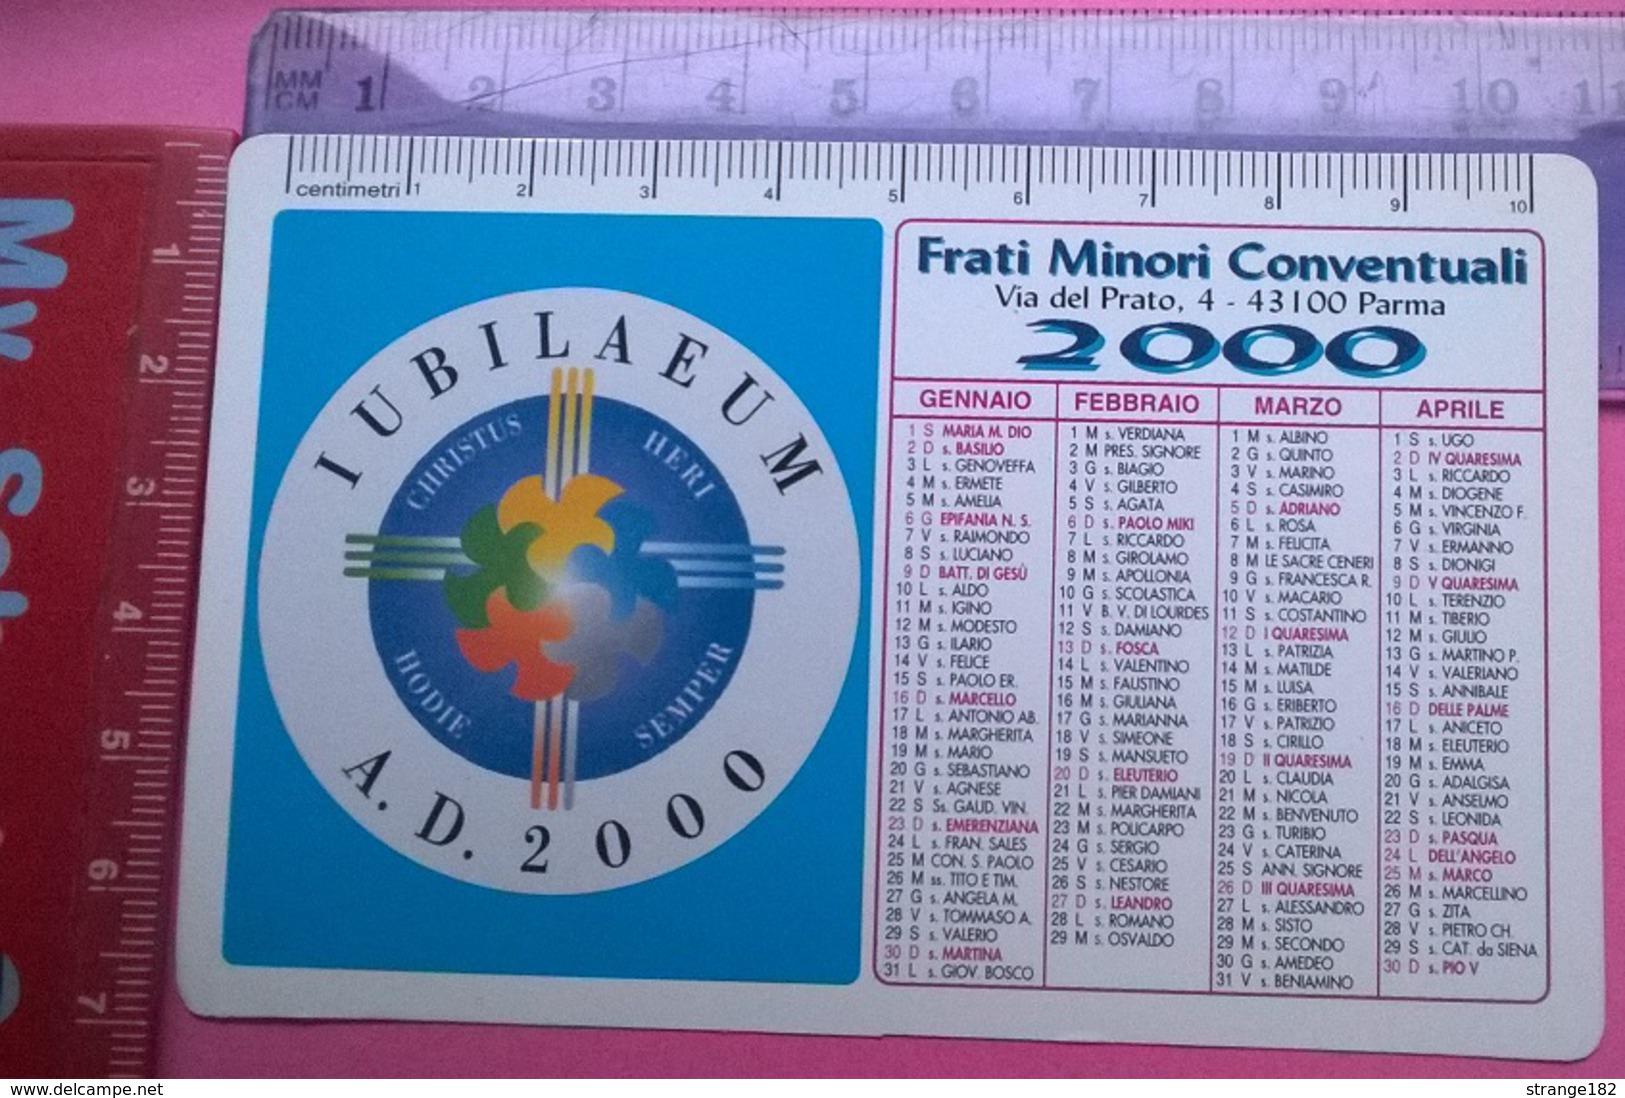 CALENDARIETTO 2000 FRATI MINORI CONVENTUALI PARMA - Formato Piccolo : 1991-00